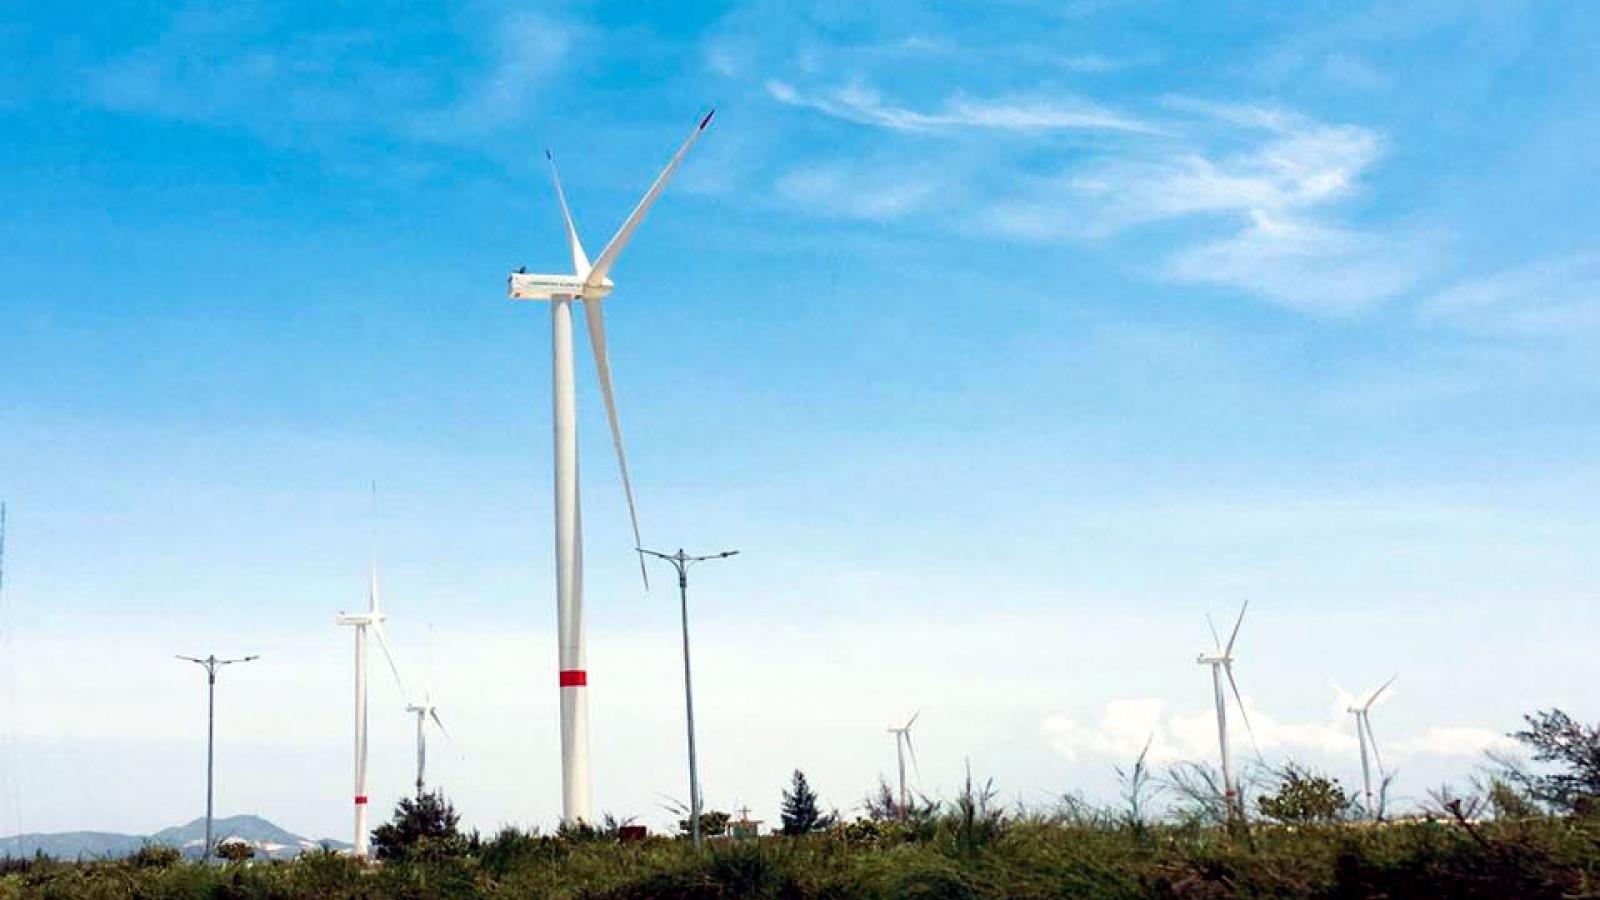 Tích trữ năng lượng: Gỡ khó cho các dự án năng lượng tái tạo